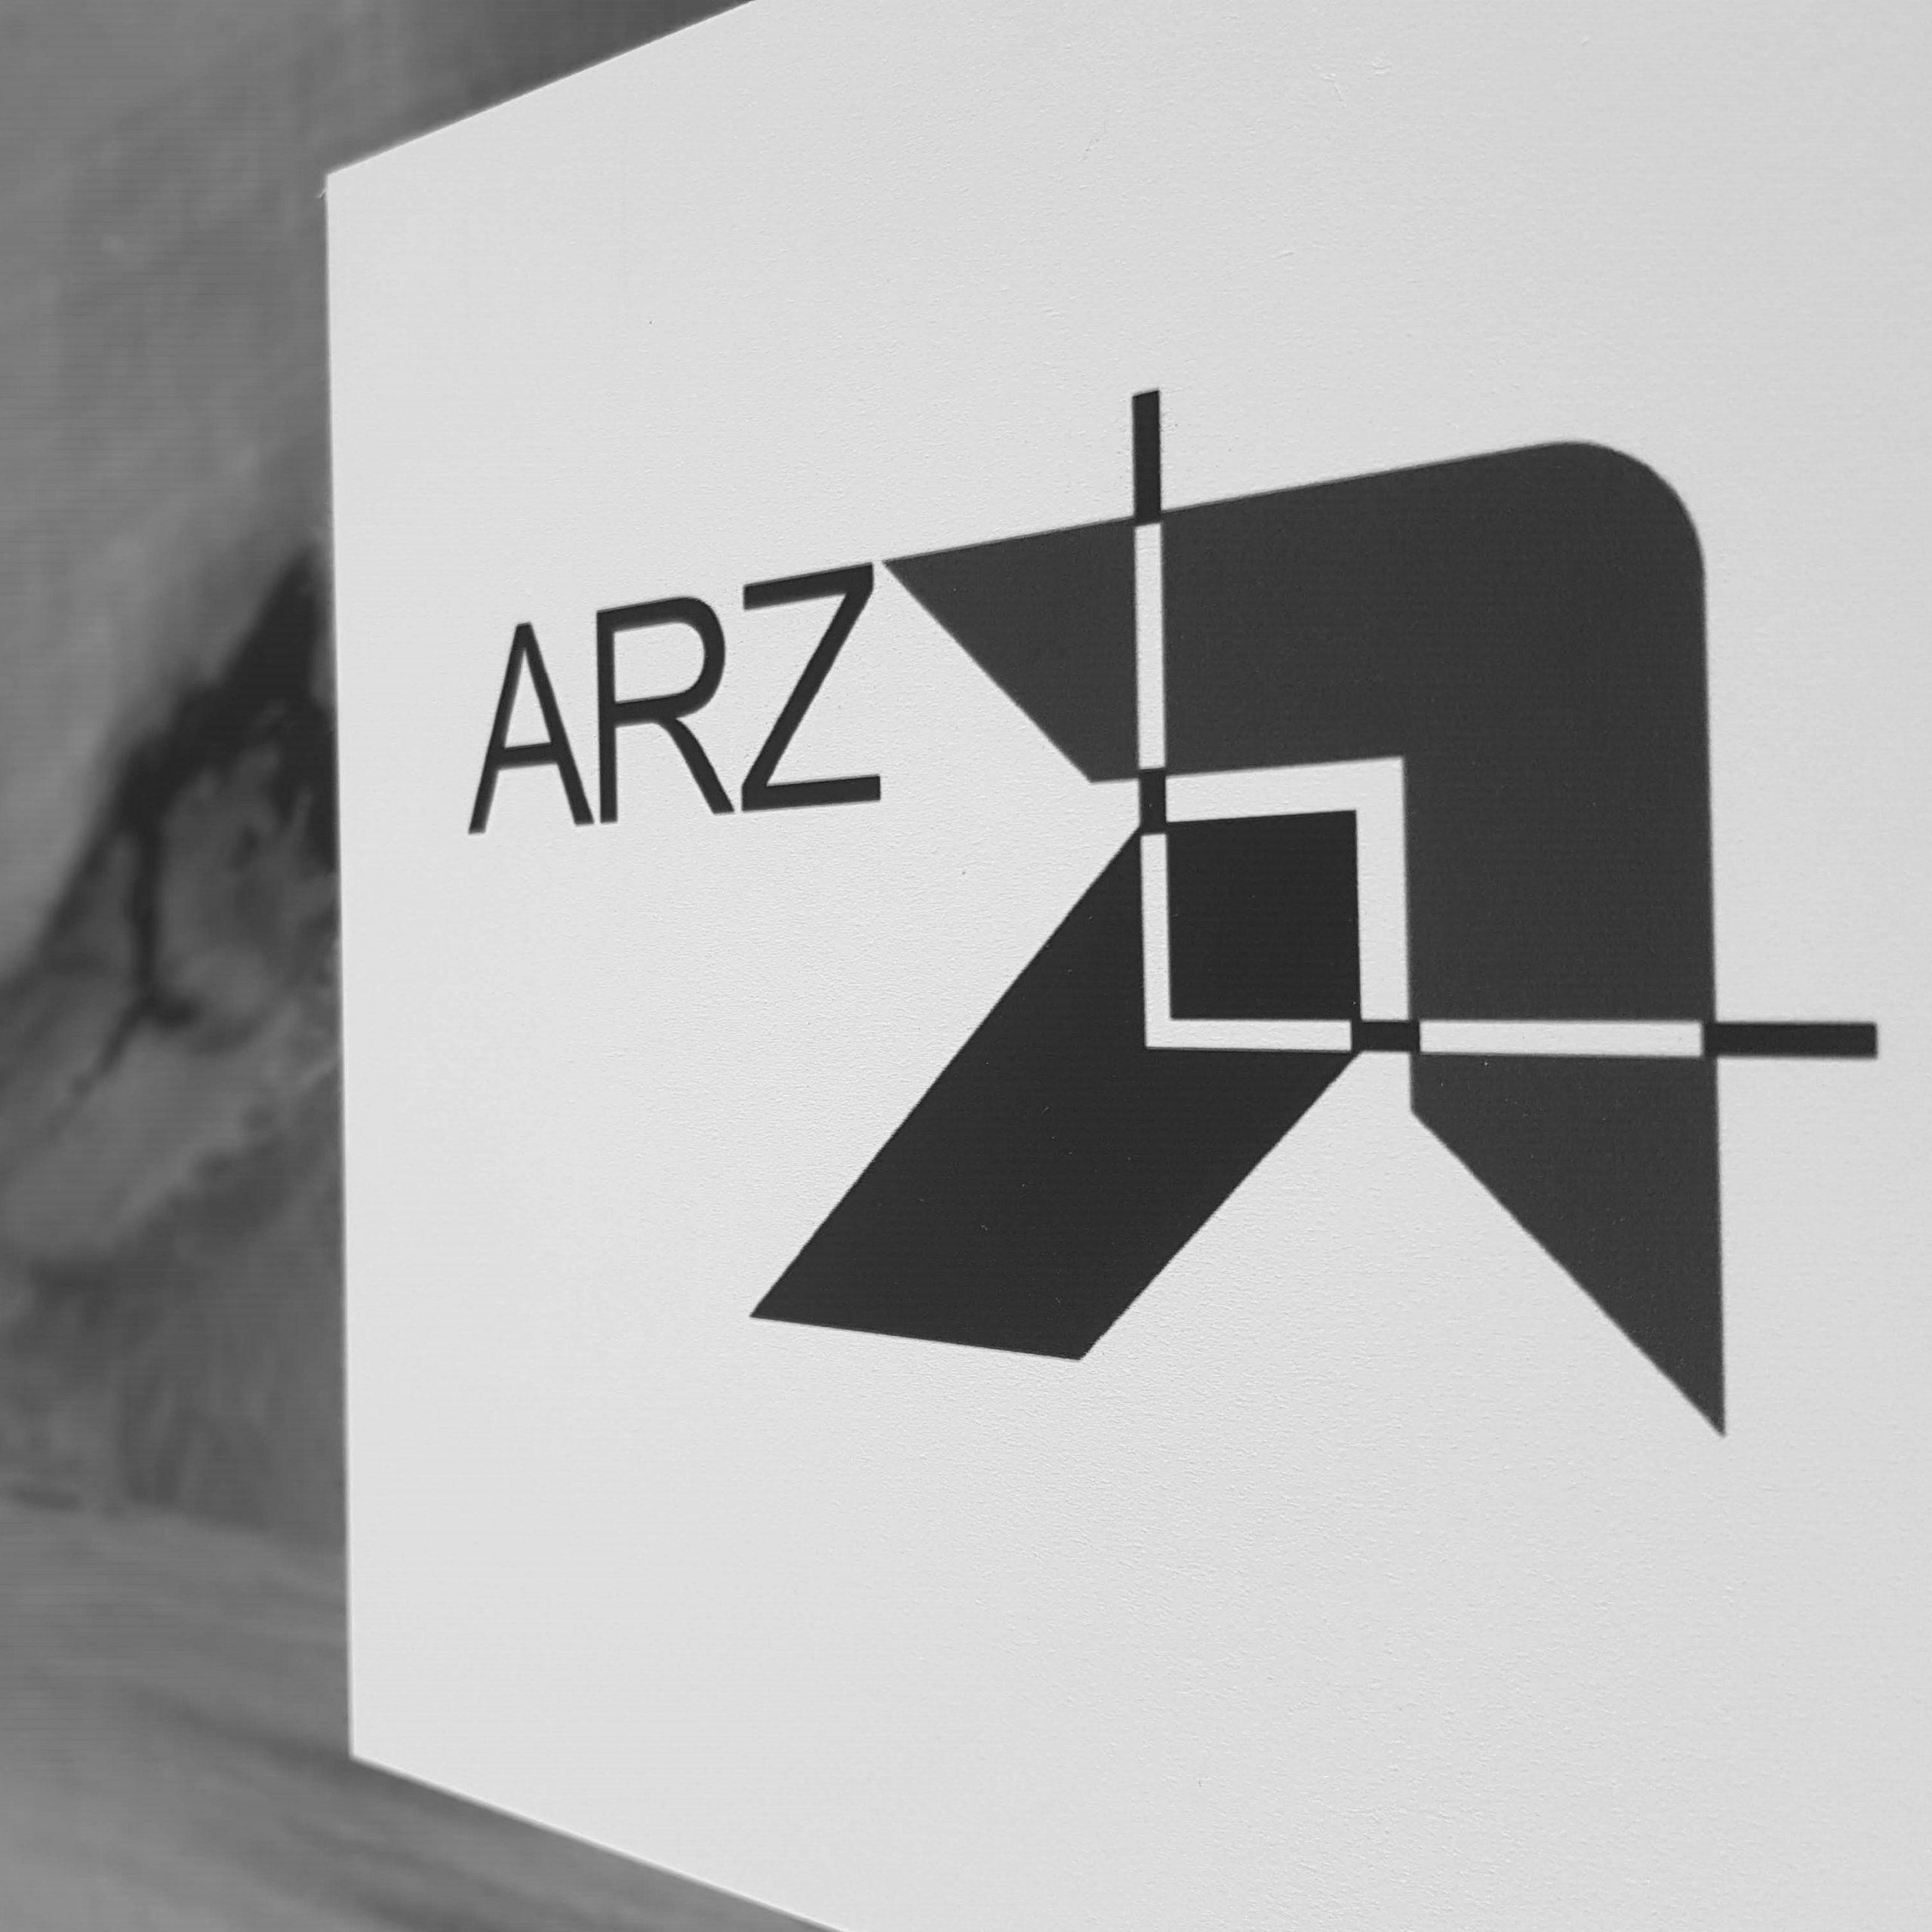 Abfotografiertes Logo ARZ Deutsche Kreditbank AG schwarzweiß